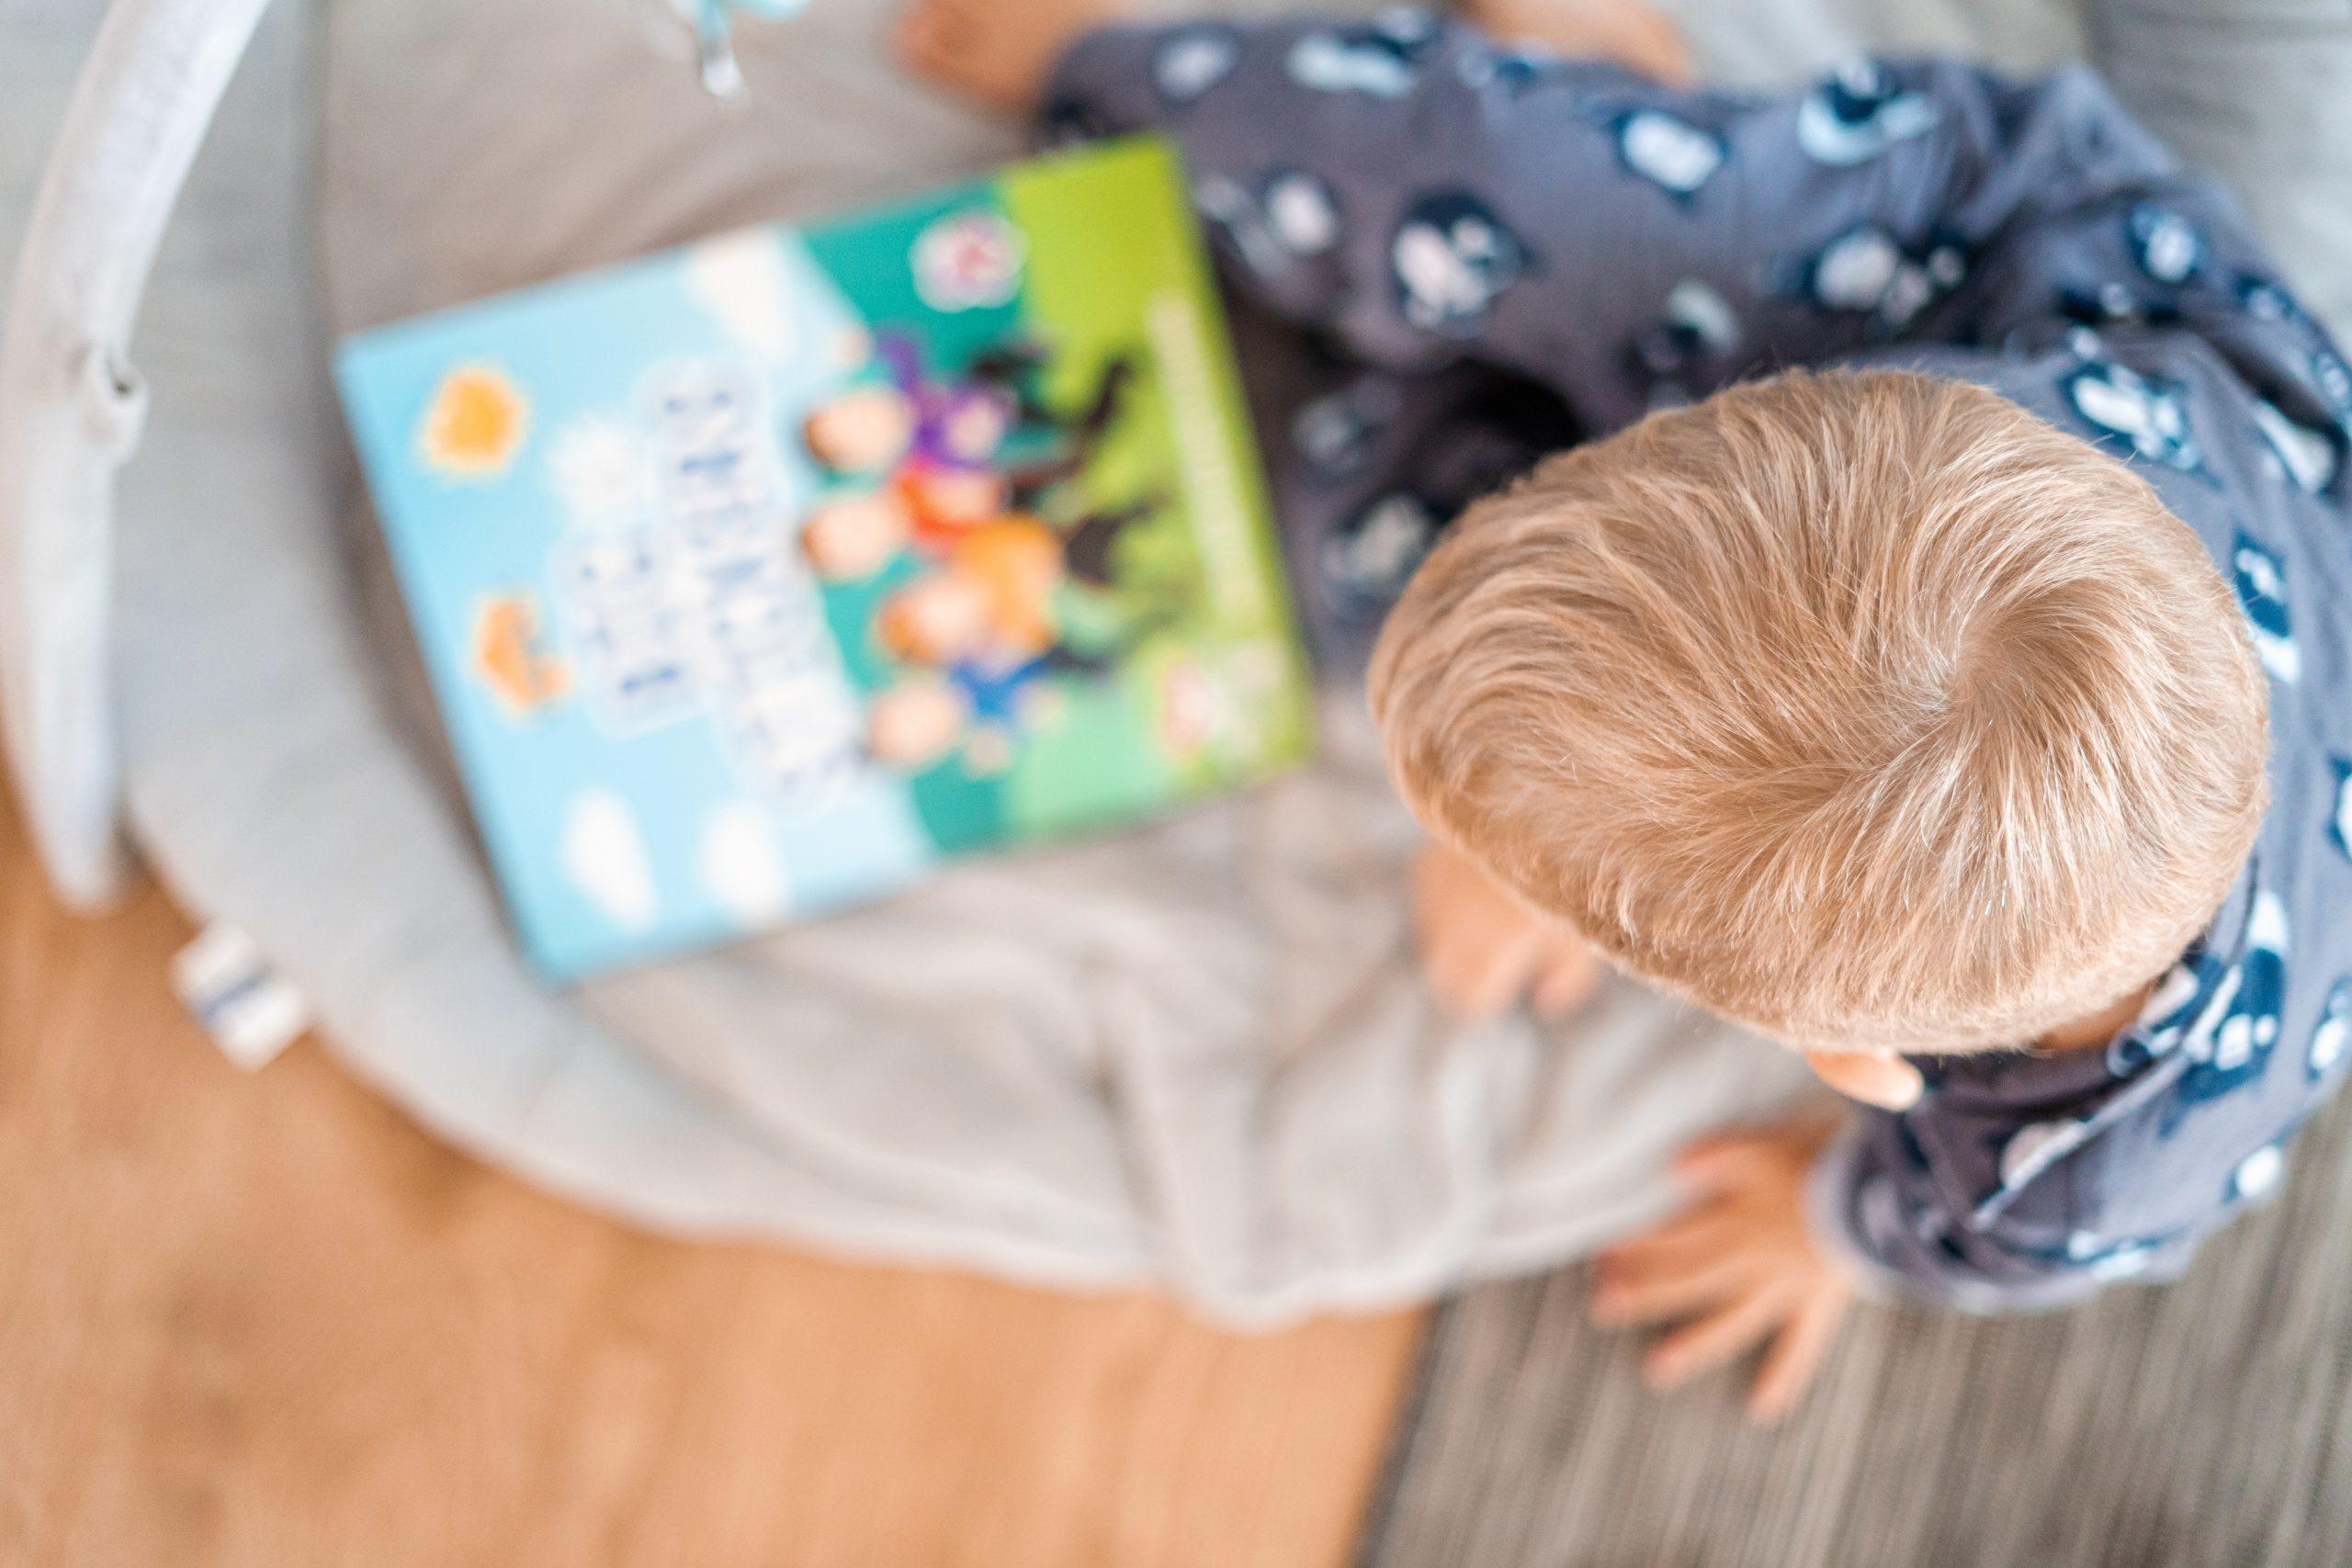 sind so kleine Hände Blog Buchtipps für Kleinkinder Beitragsbild